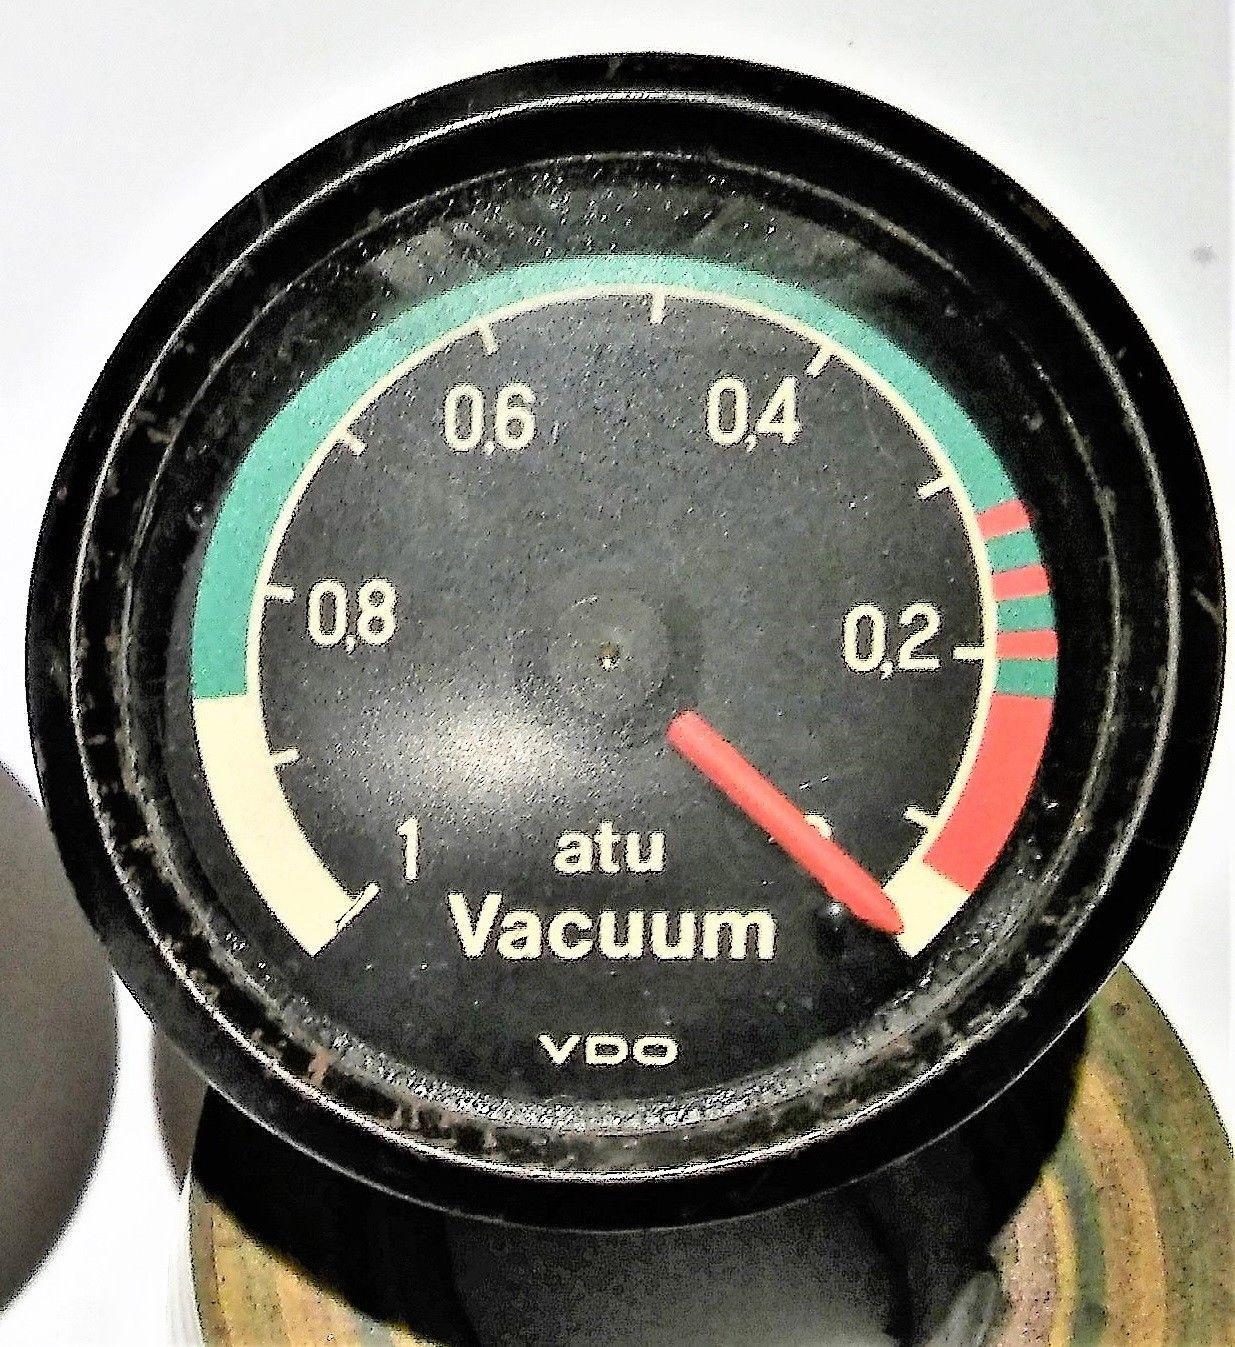 VDO 190 105 Ammeter Gauge